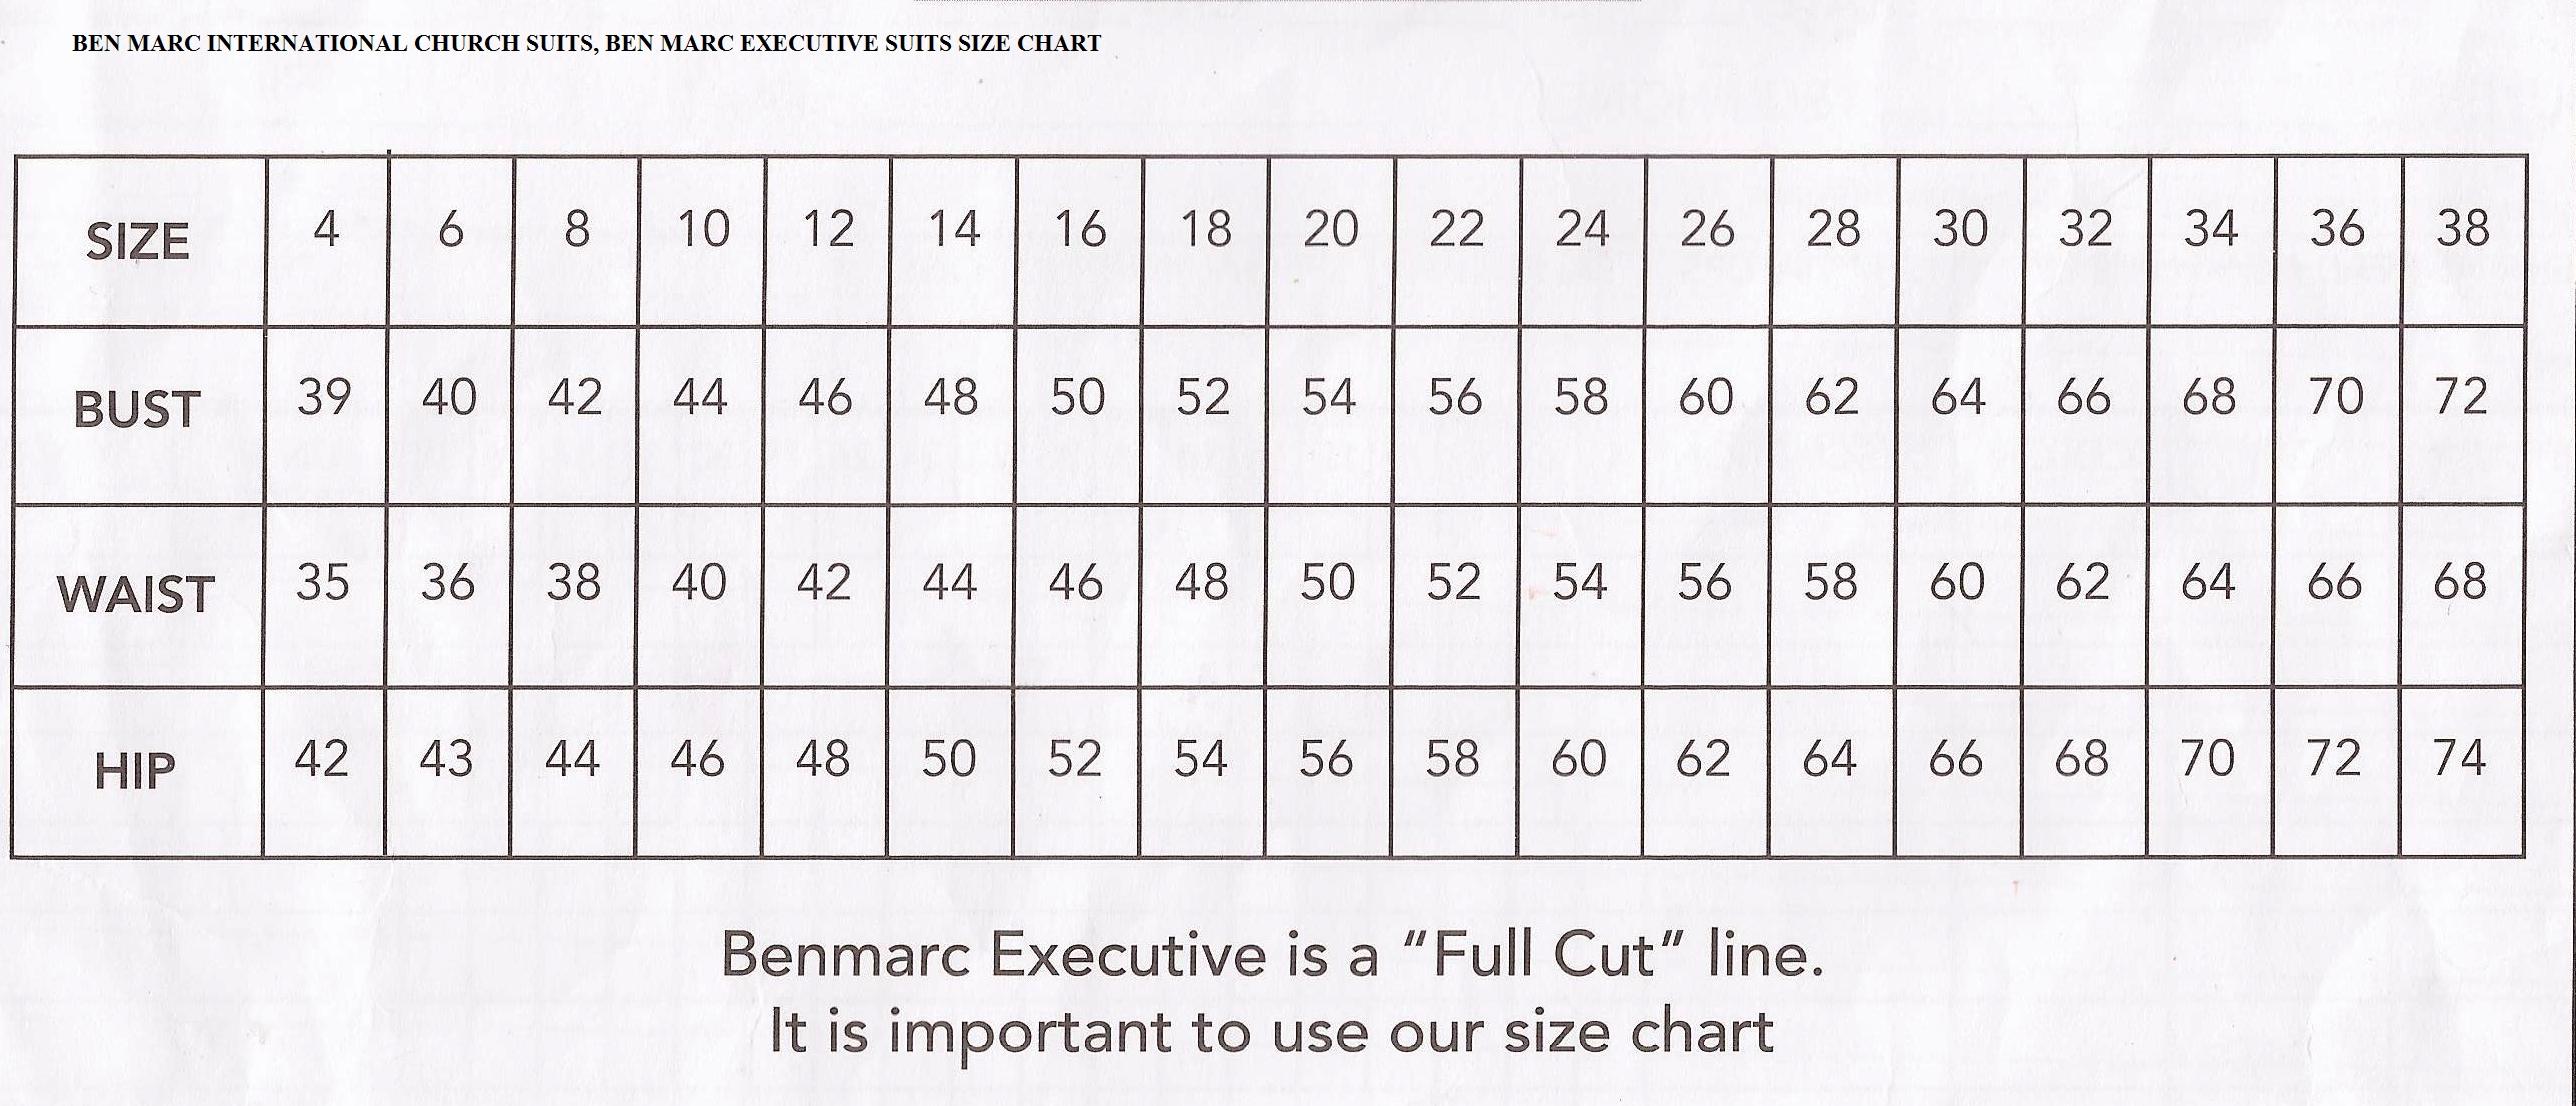 ben-marc-size-chart.jpg